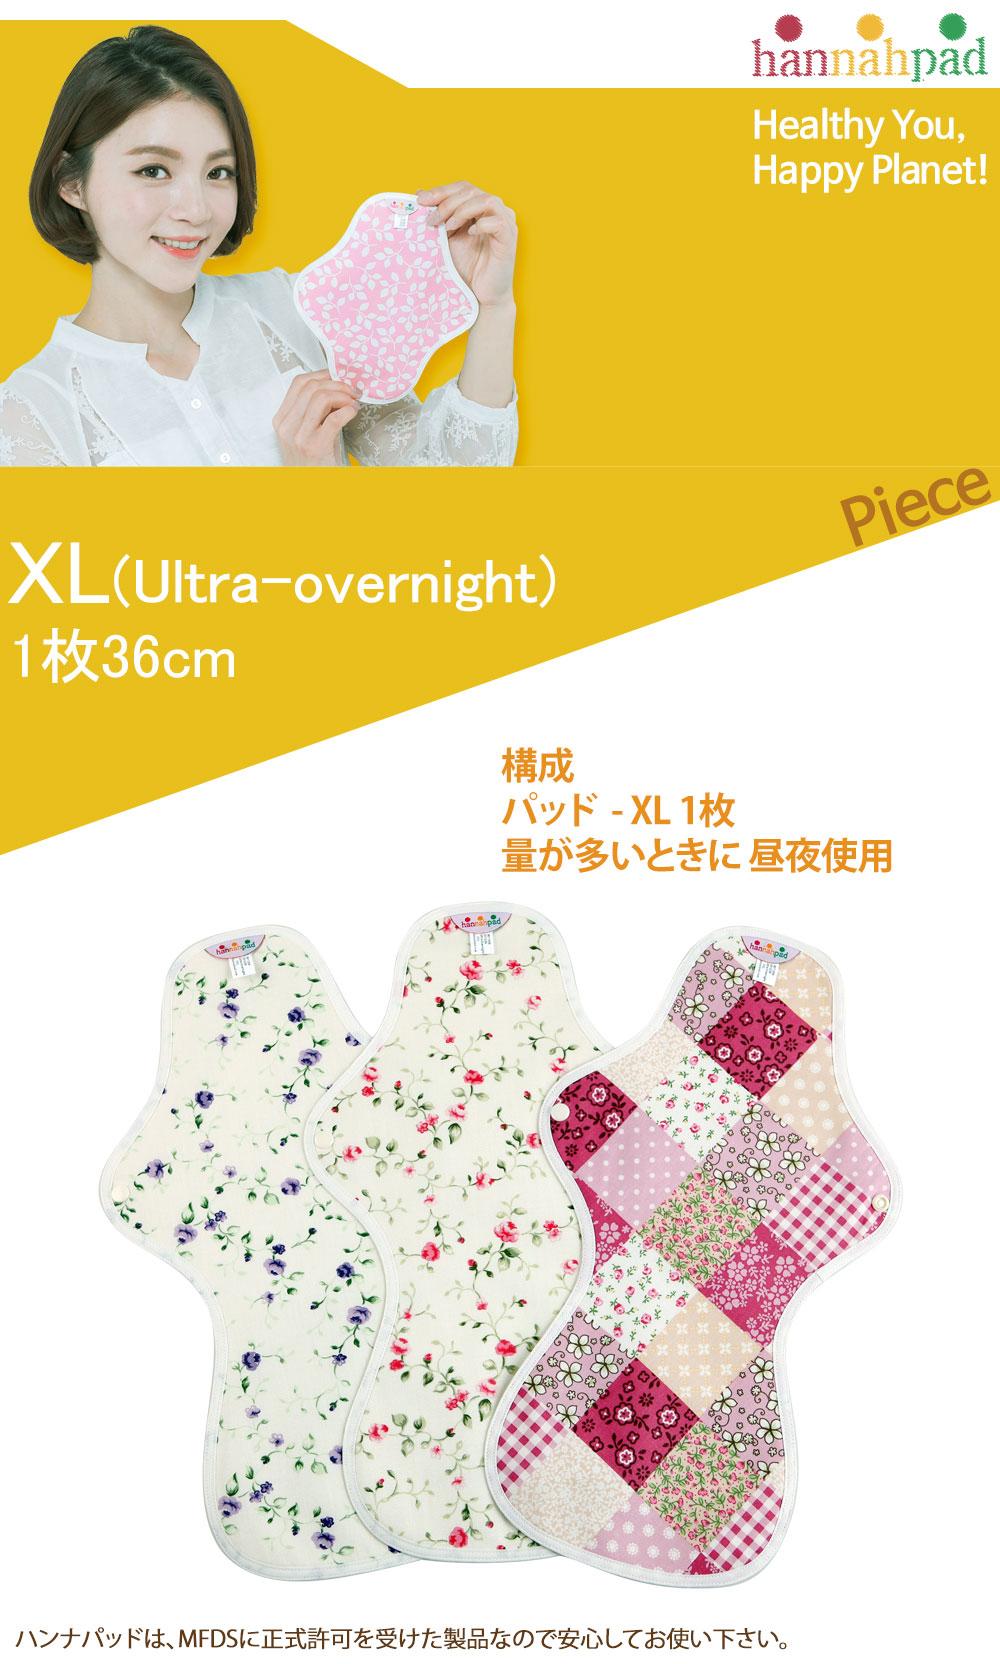 布ナプキン おりもの 重い日 Ultra overnight36Cm(厚さ:厚手)オーガニック布ナプキン 生理用品 有機栽培綿 月経布 布ナプキン オーガニックコットン